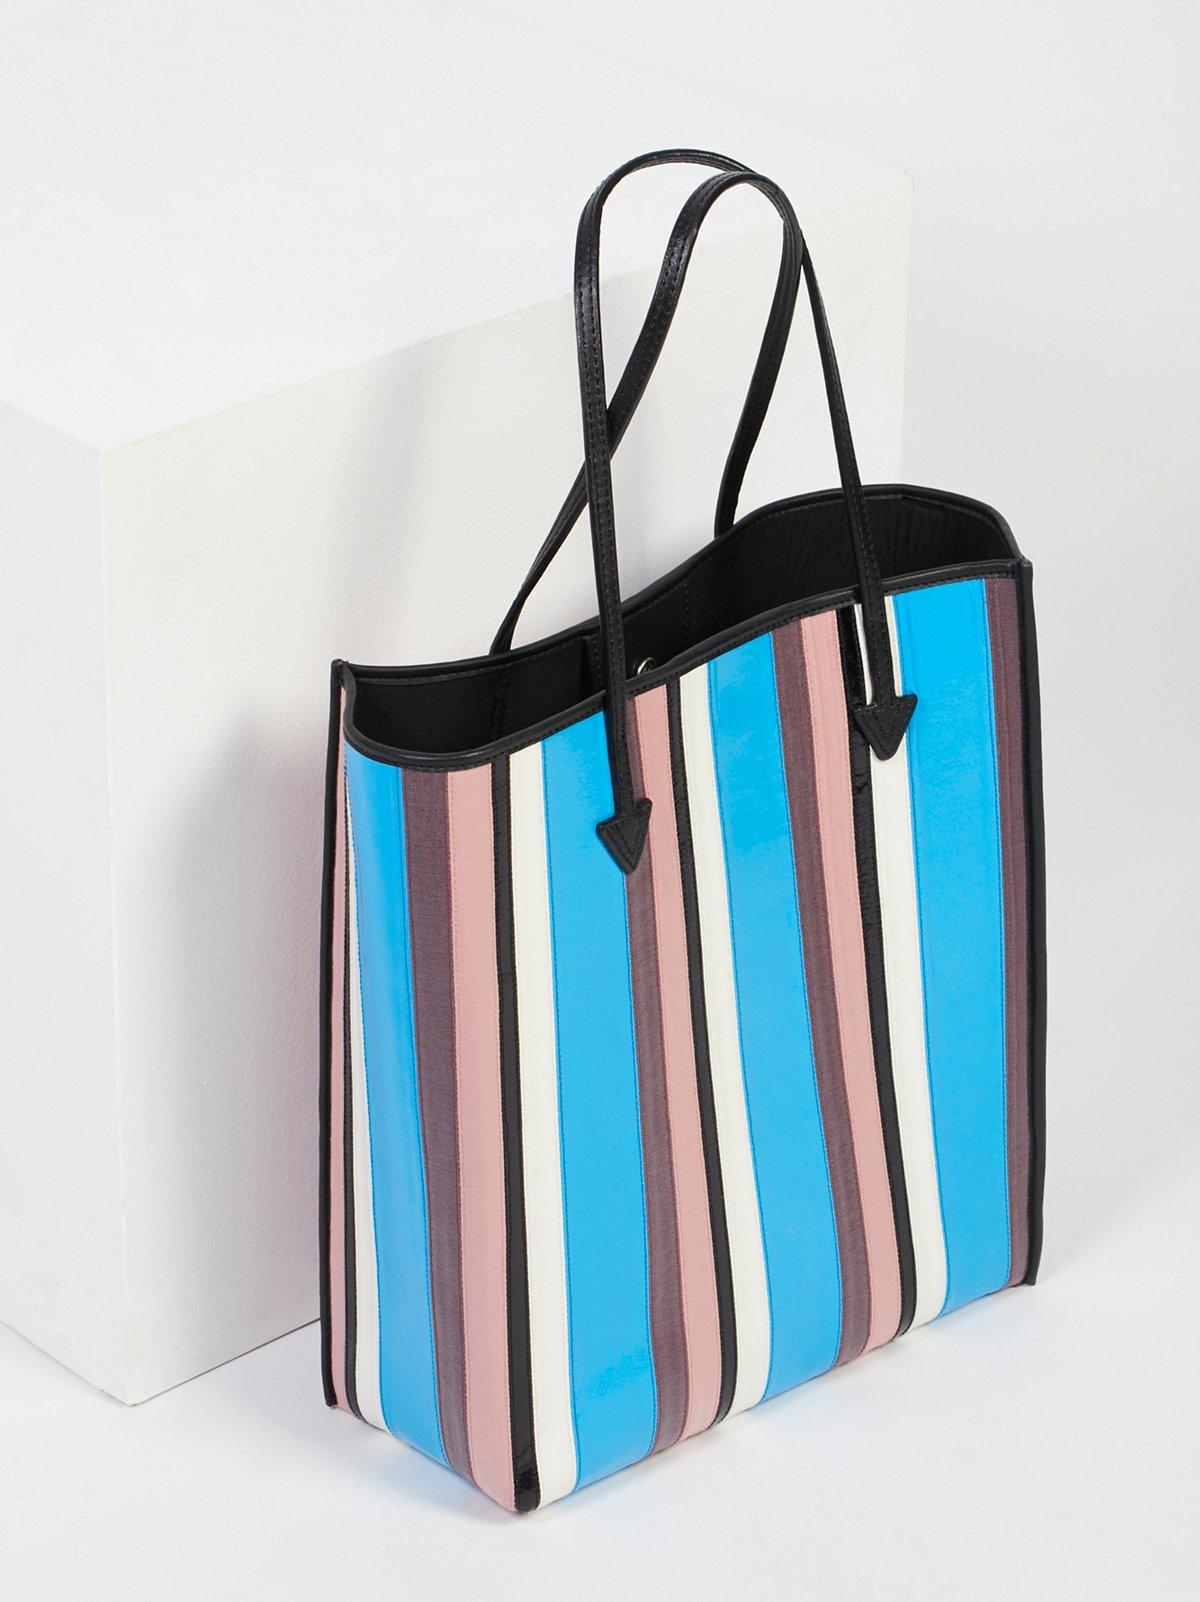 条纹人造革手提包